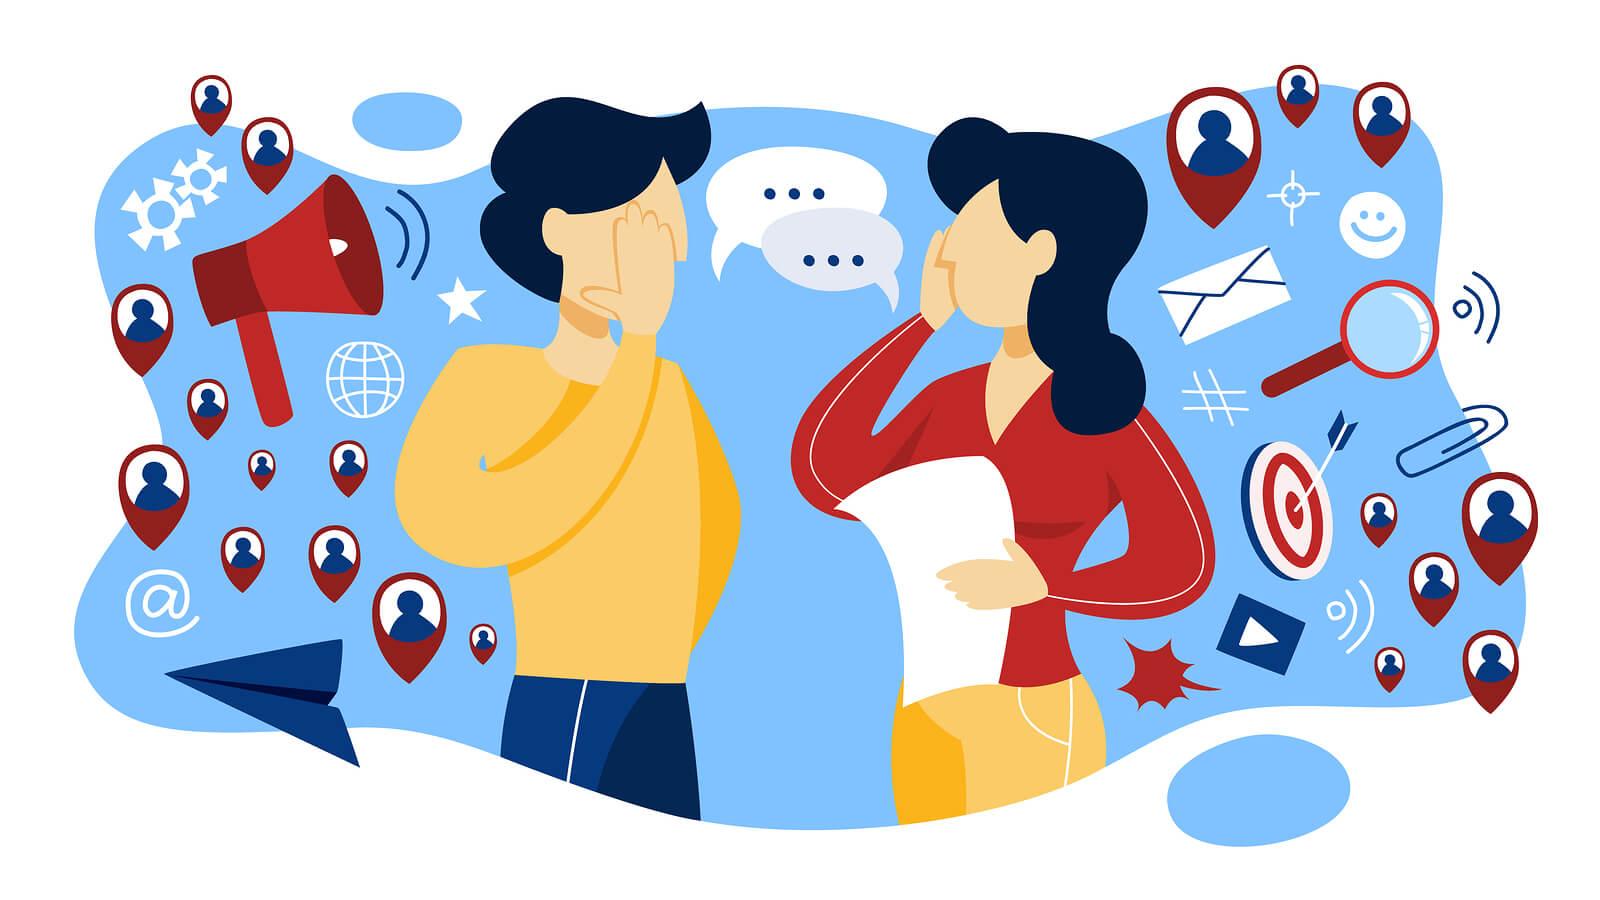 Marketing boca a boca e a importância de se trabalhar com dados